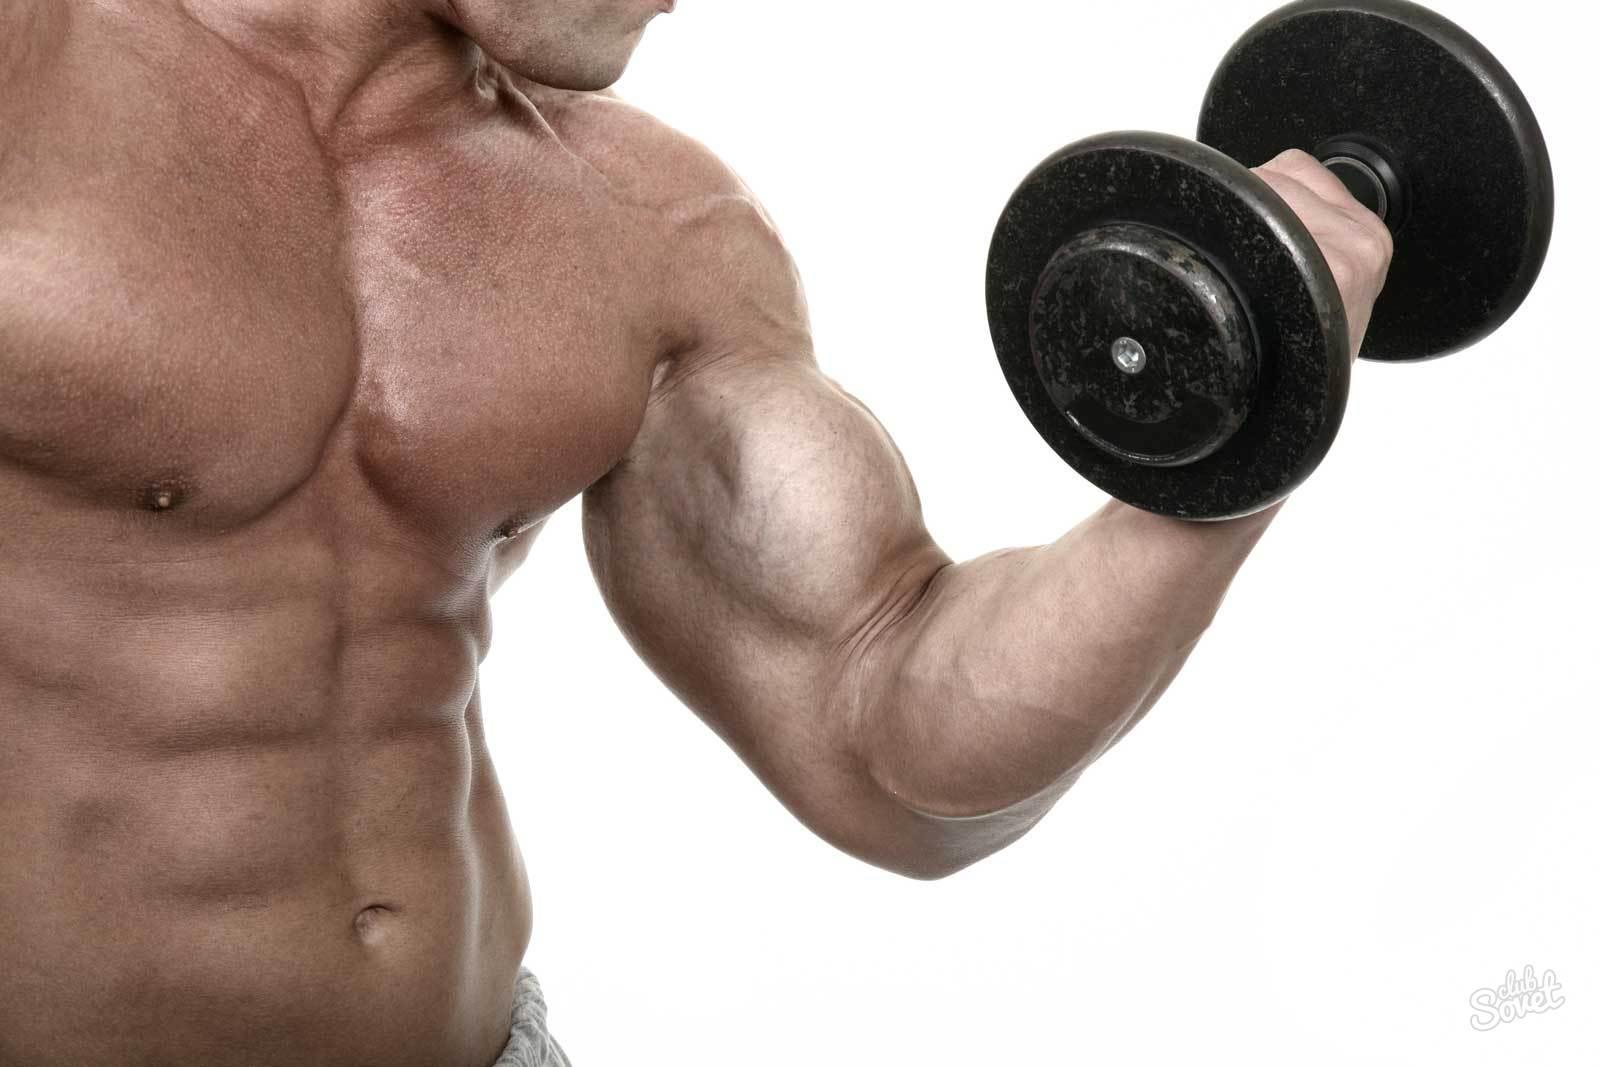 Почему не растут мышцы: возможные причины и пути решения проблемы